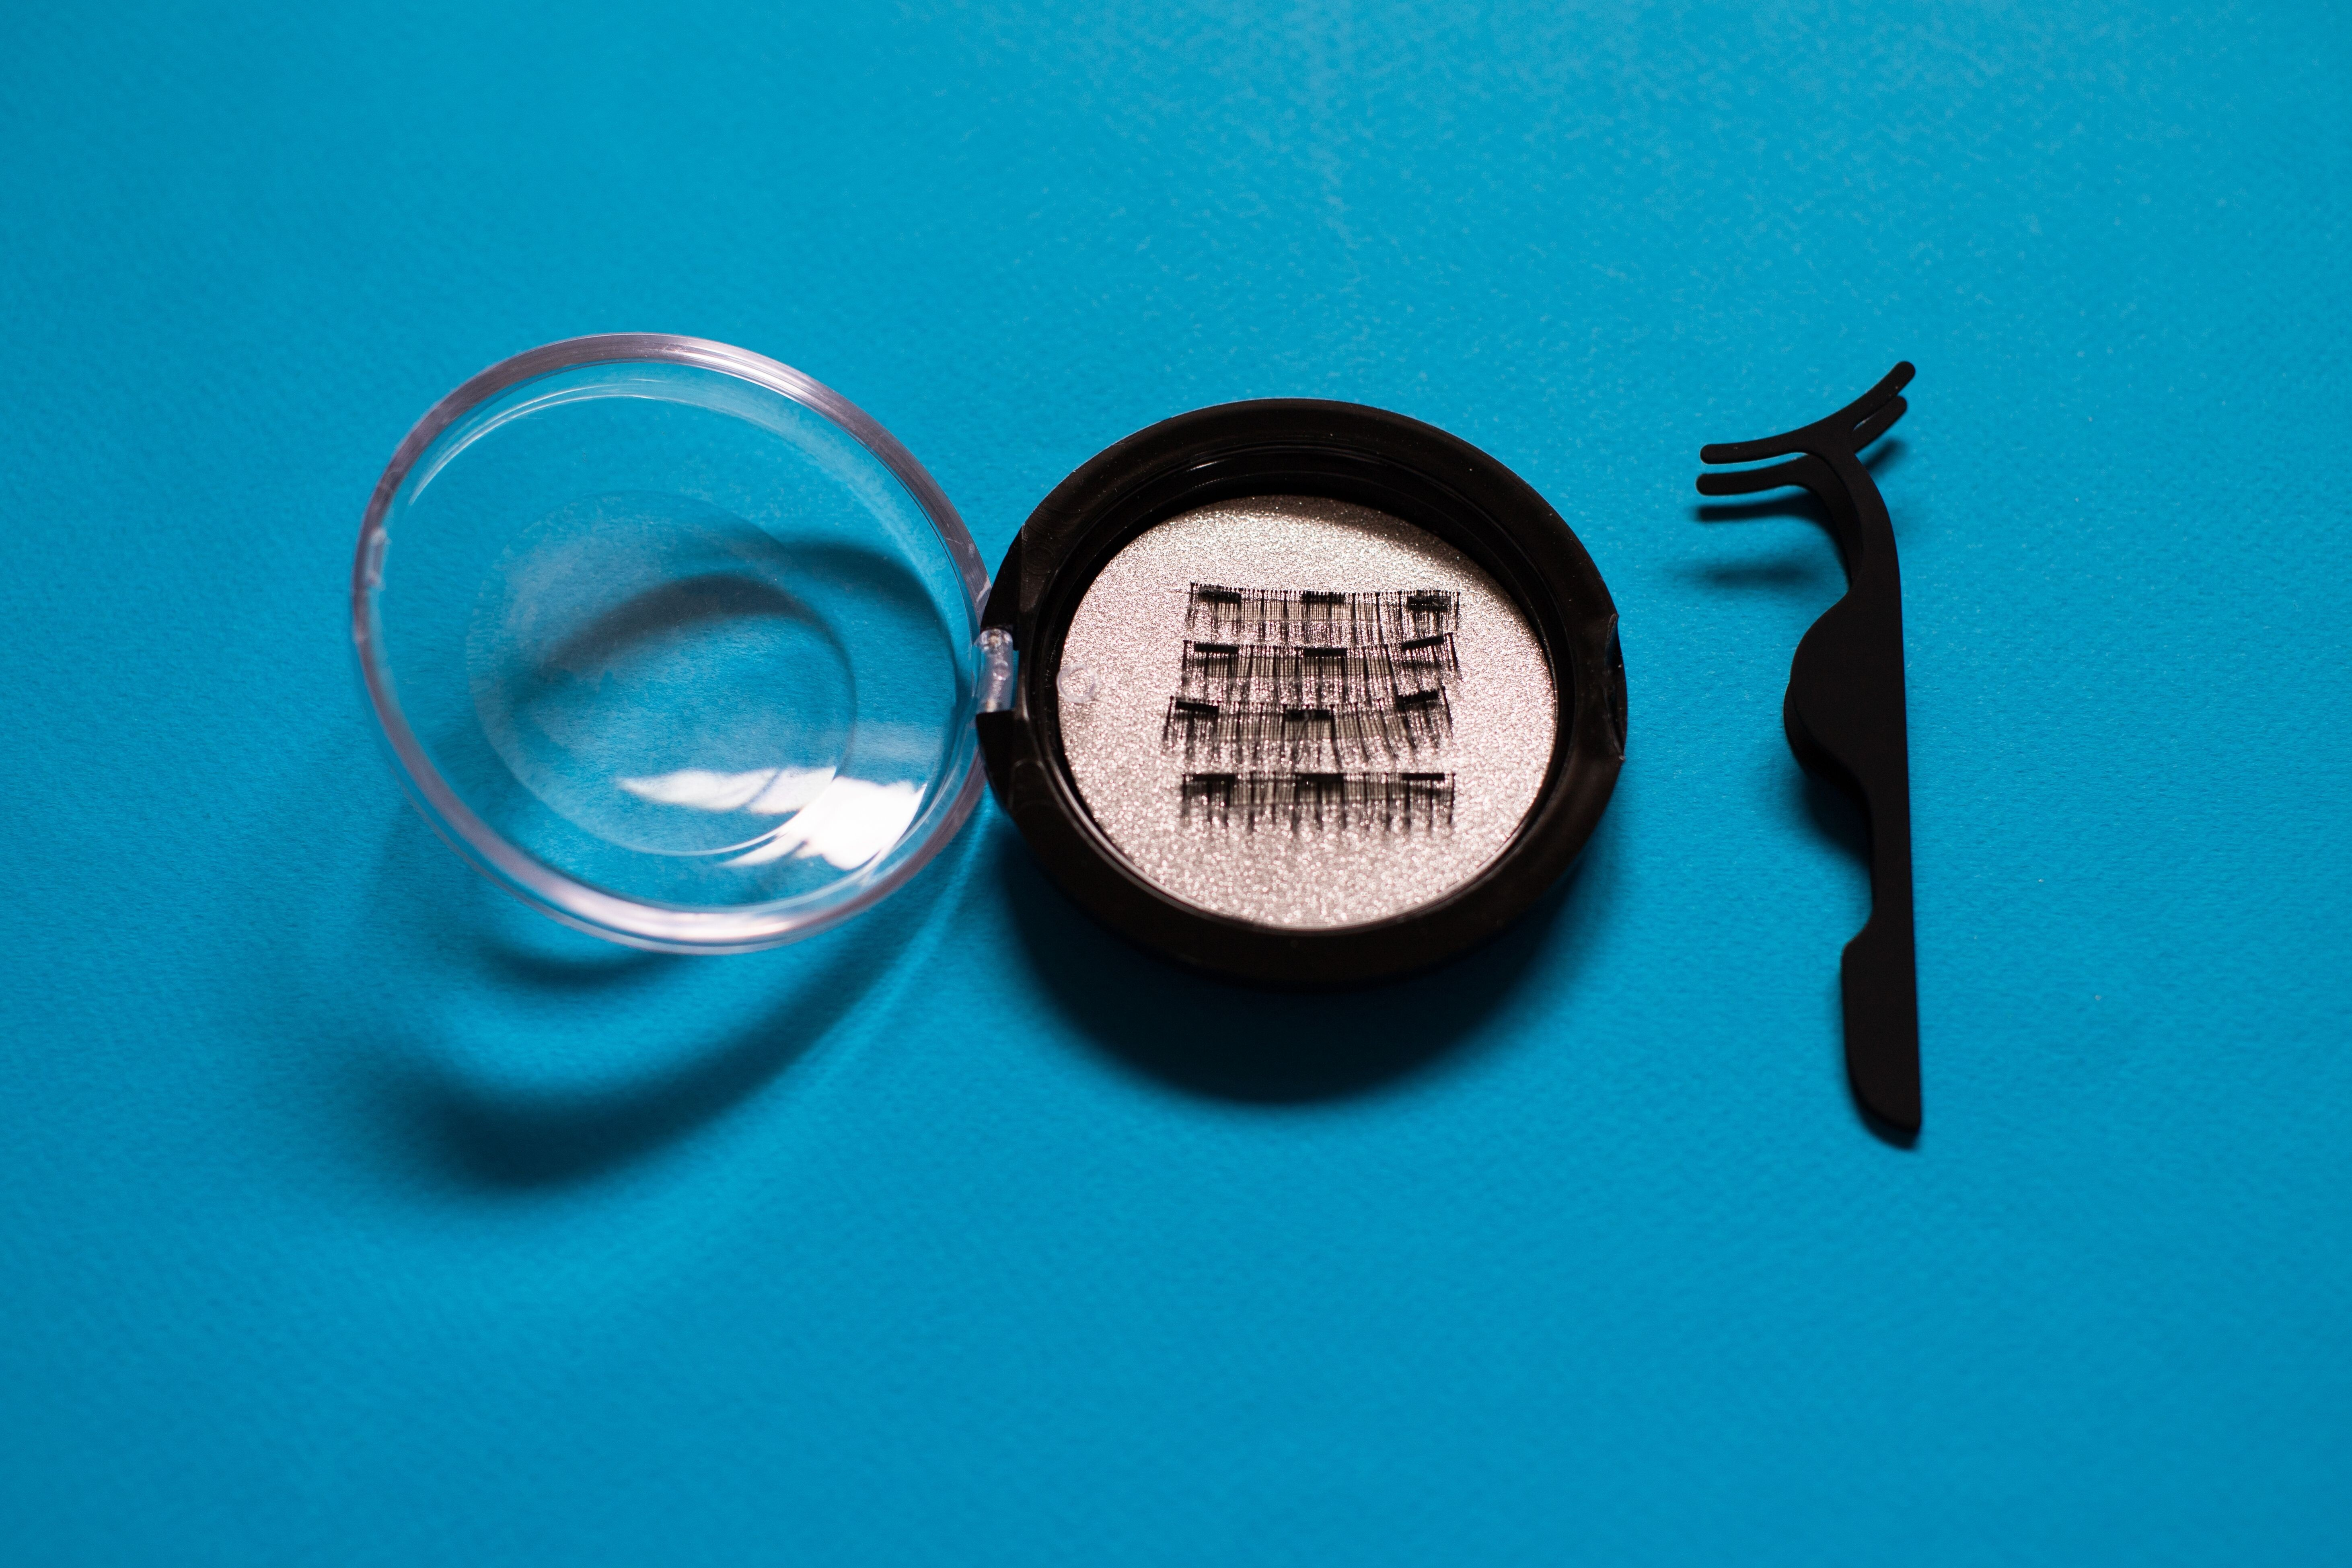 Comment poser faux cils magnetiques avec une pince ?